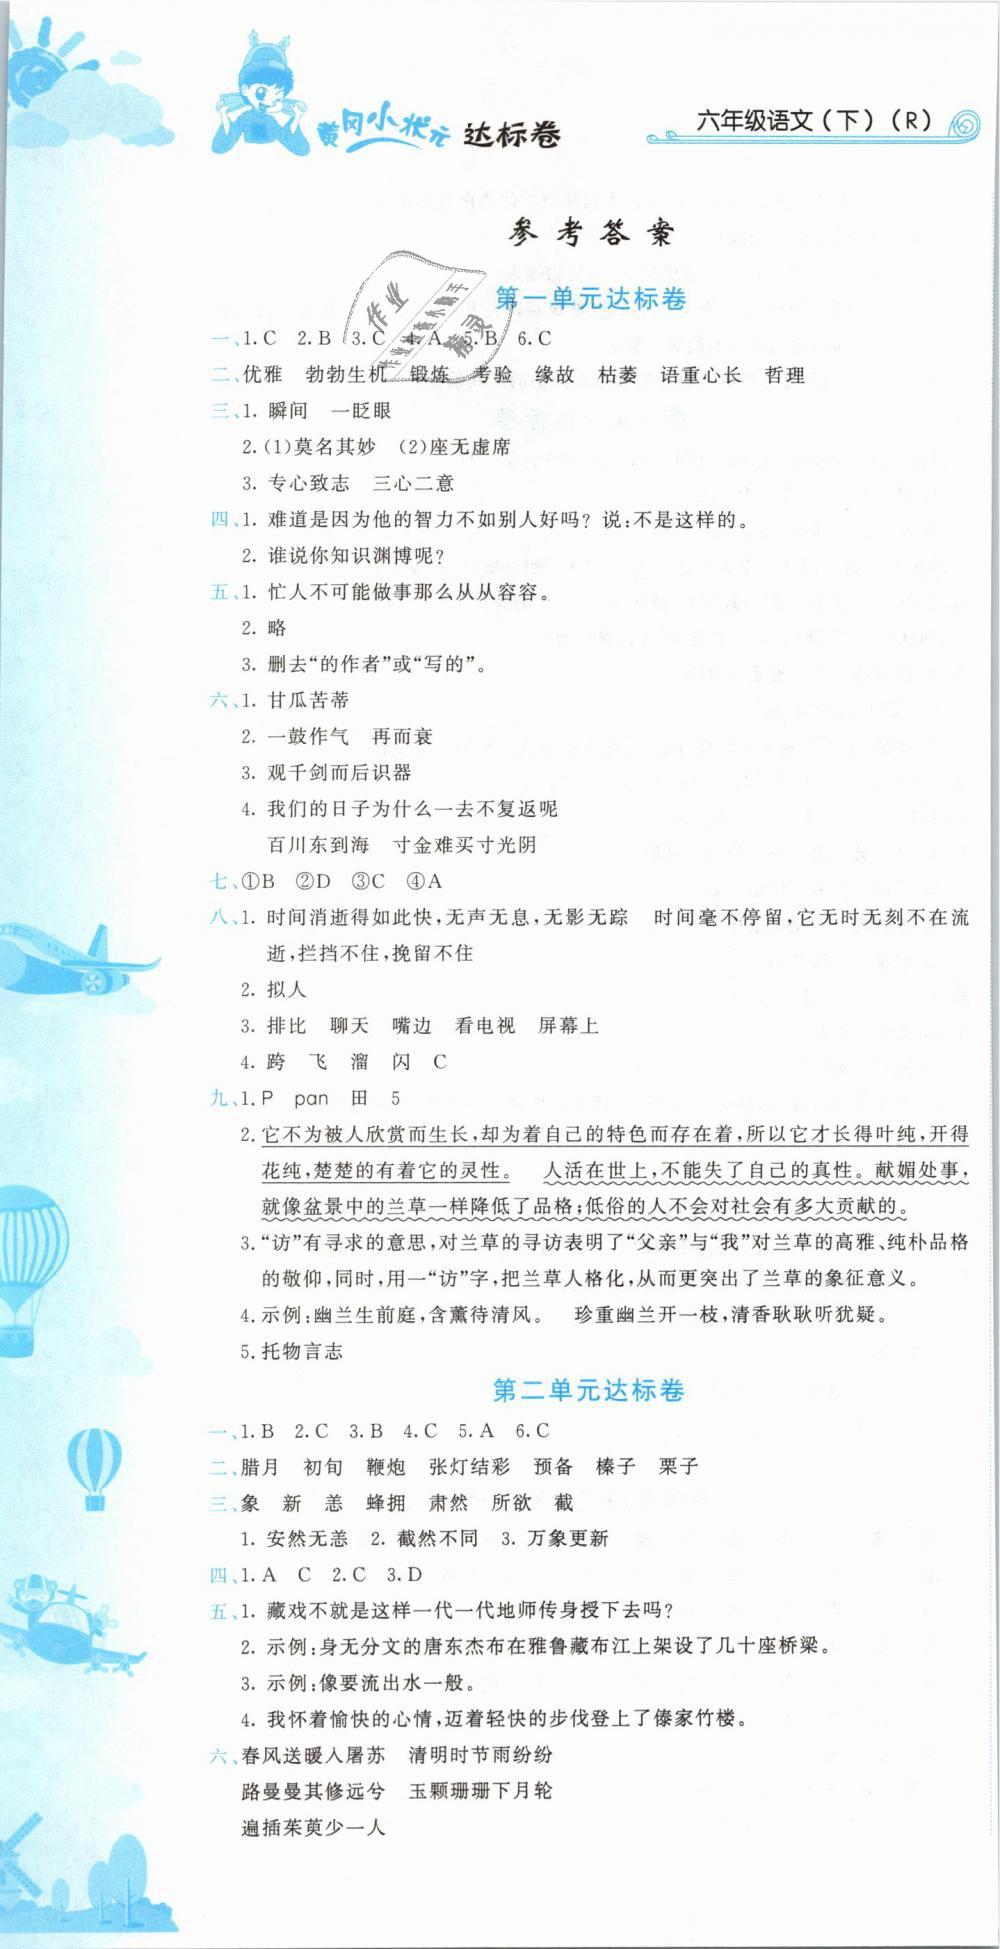 2019年黃岡小狀元達標卷六年級語文下冊人教版第1頁